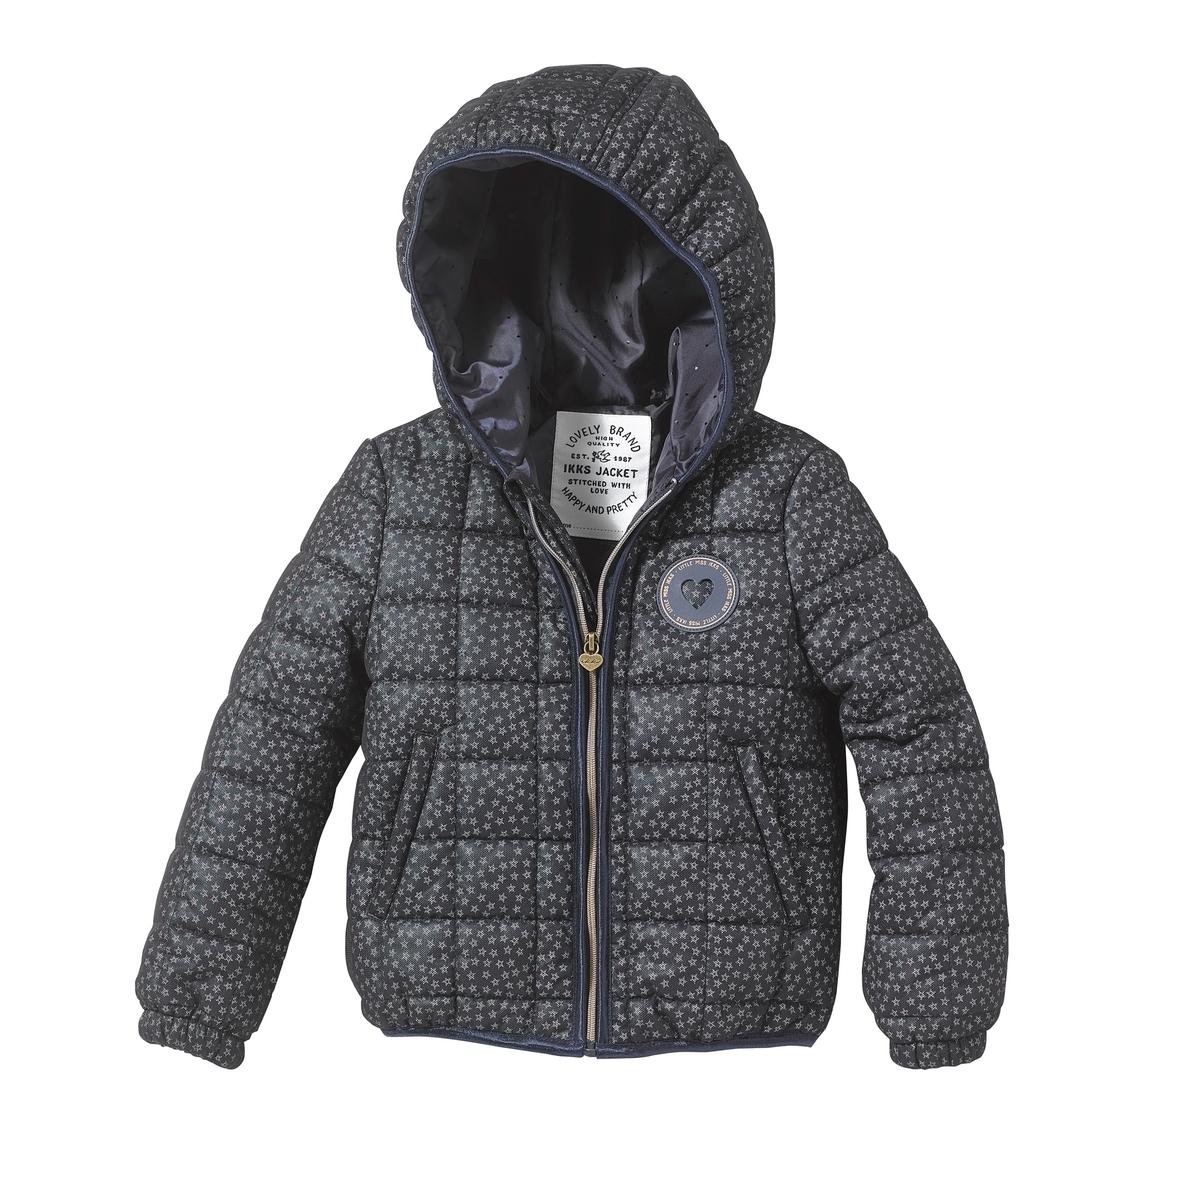 Куртка с капюшономДетали   •  Рисунок-принт •  Зимняя модель •  Непромокаемая •  Застежка на молнию  •  С капюшоном  •  Длина  : укороченнаяСостав и уход      •  Следуйте советам по уходу, указанным на этикетке<br><br>Цвет: темно-синий<br>Размер: 6 лет - 114 см.10 лет - 138 см.12 лет -150 см